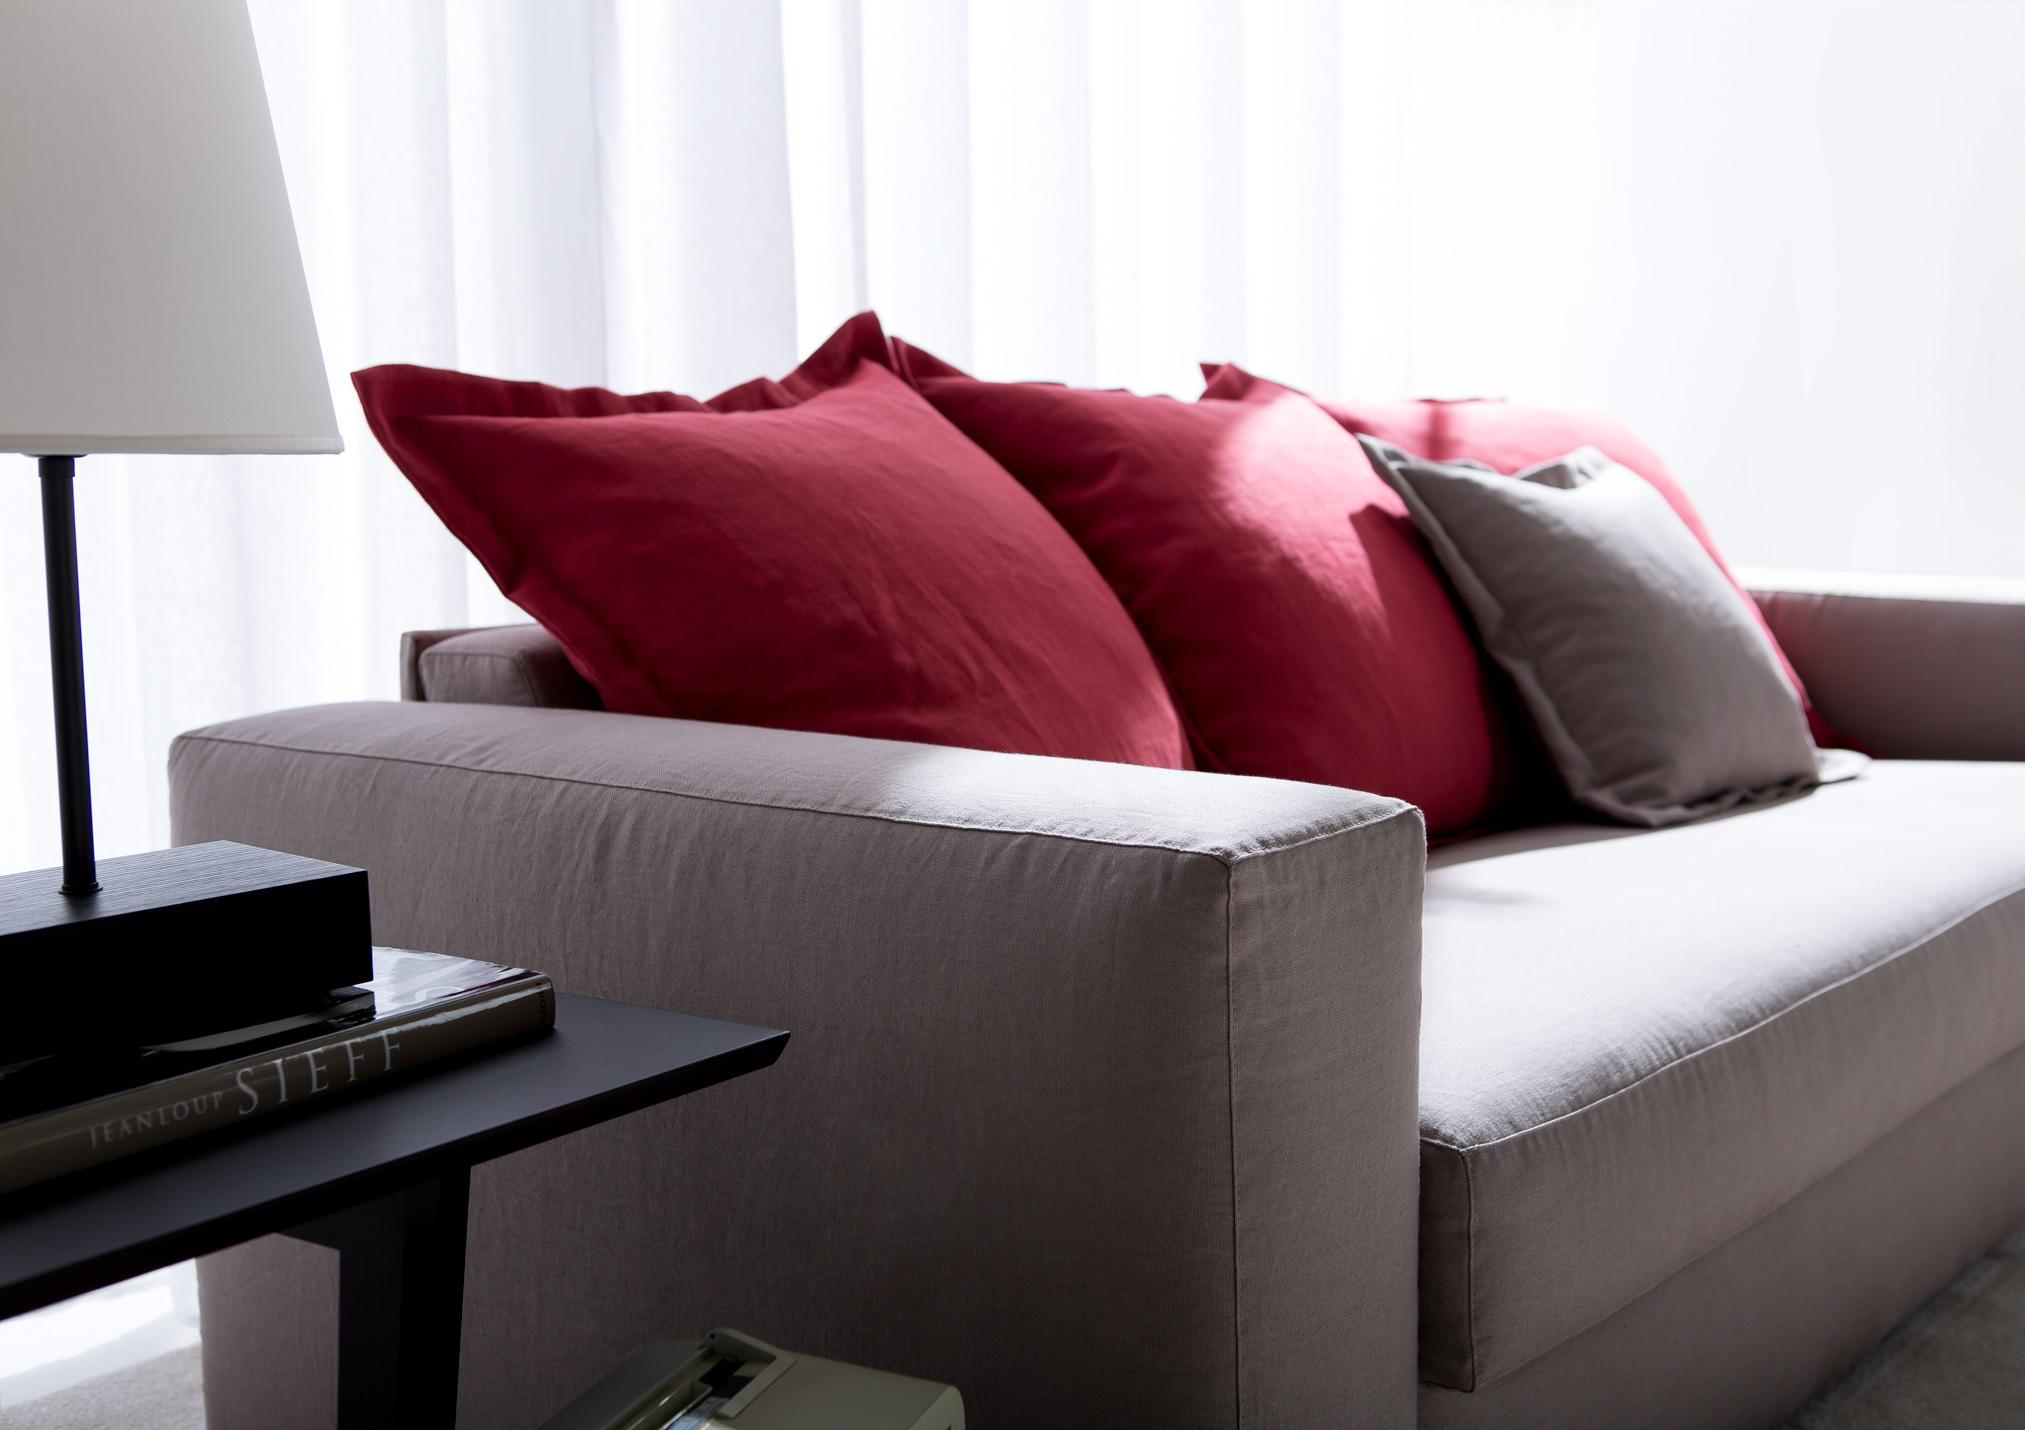 Passepartout 77 fa ons de configurer votre canap lit en ligne bertostory - Canape lit facile a ouvrir ...